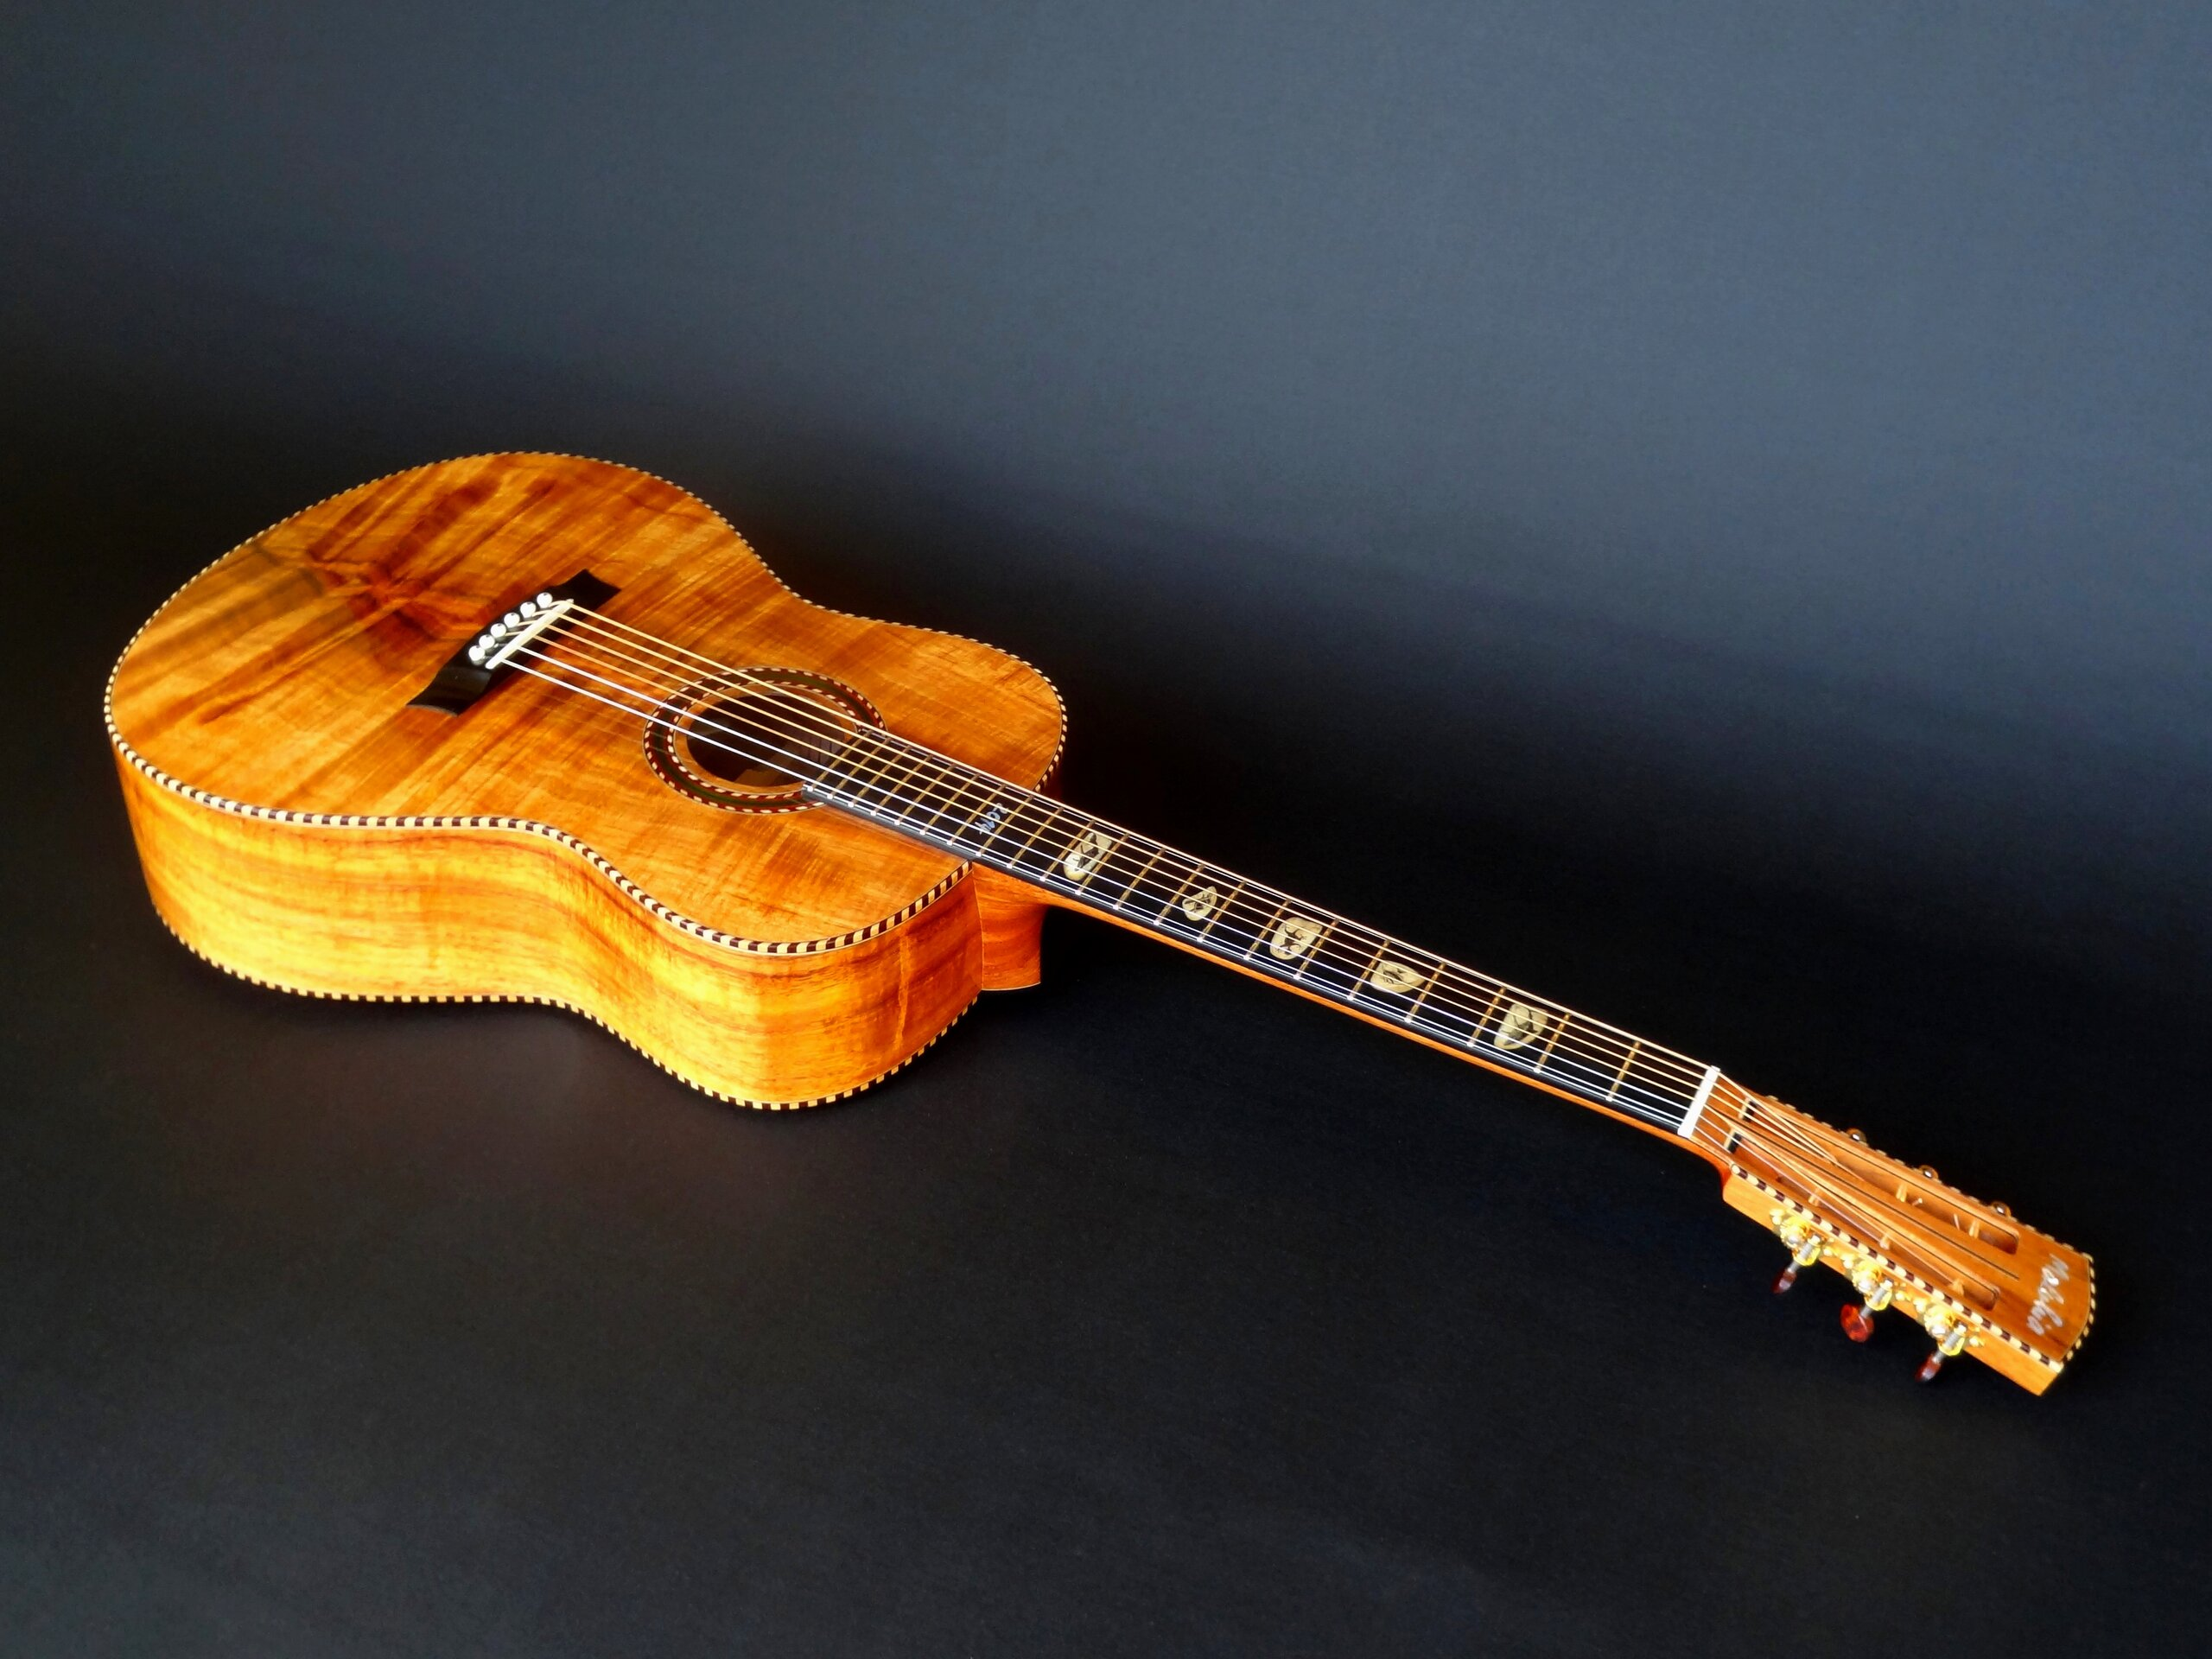 Koa guitar shown full length